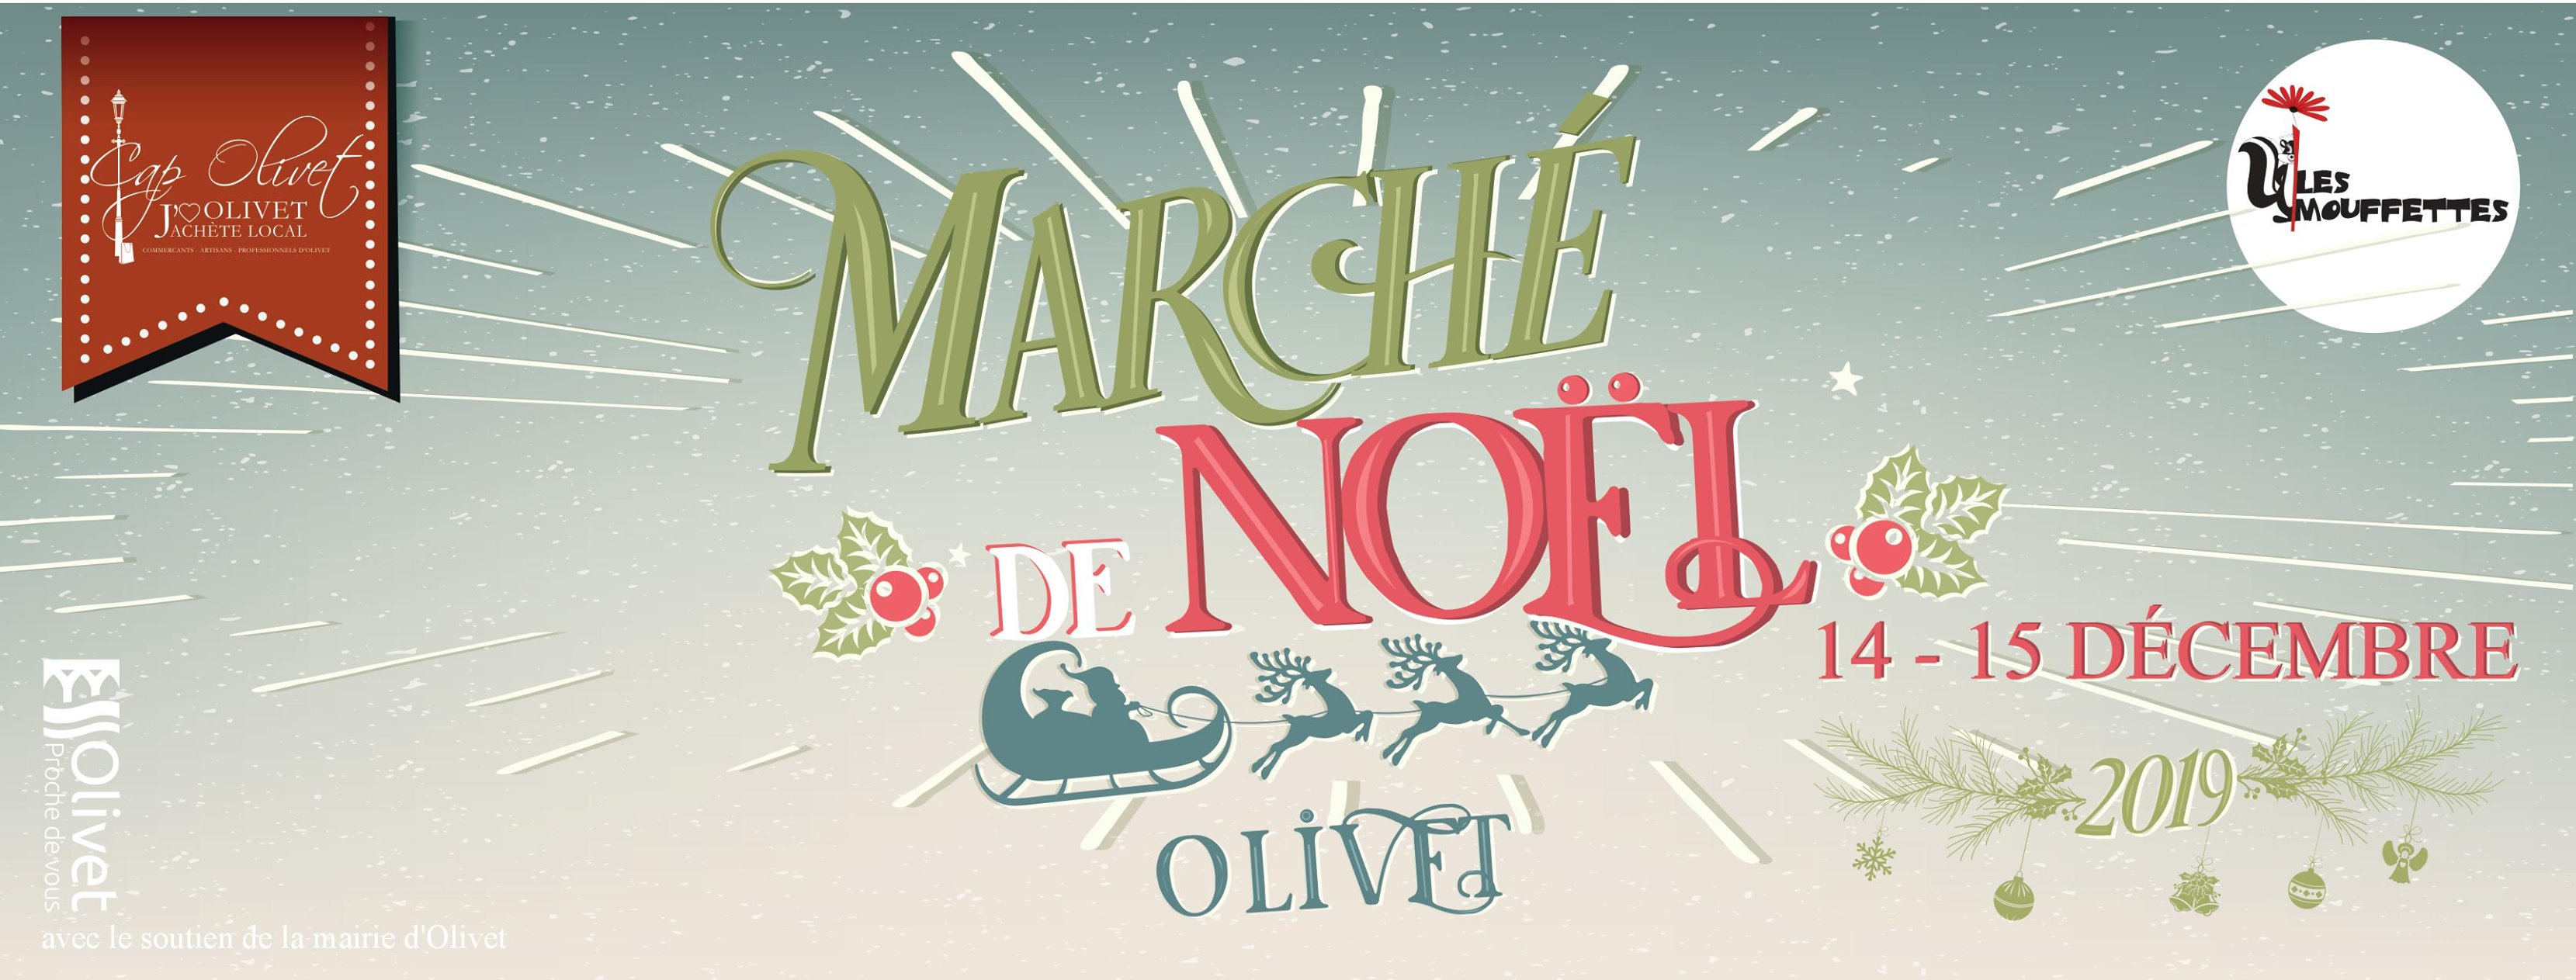 Marché Noel OLIVET